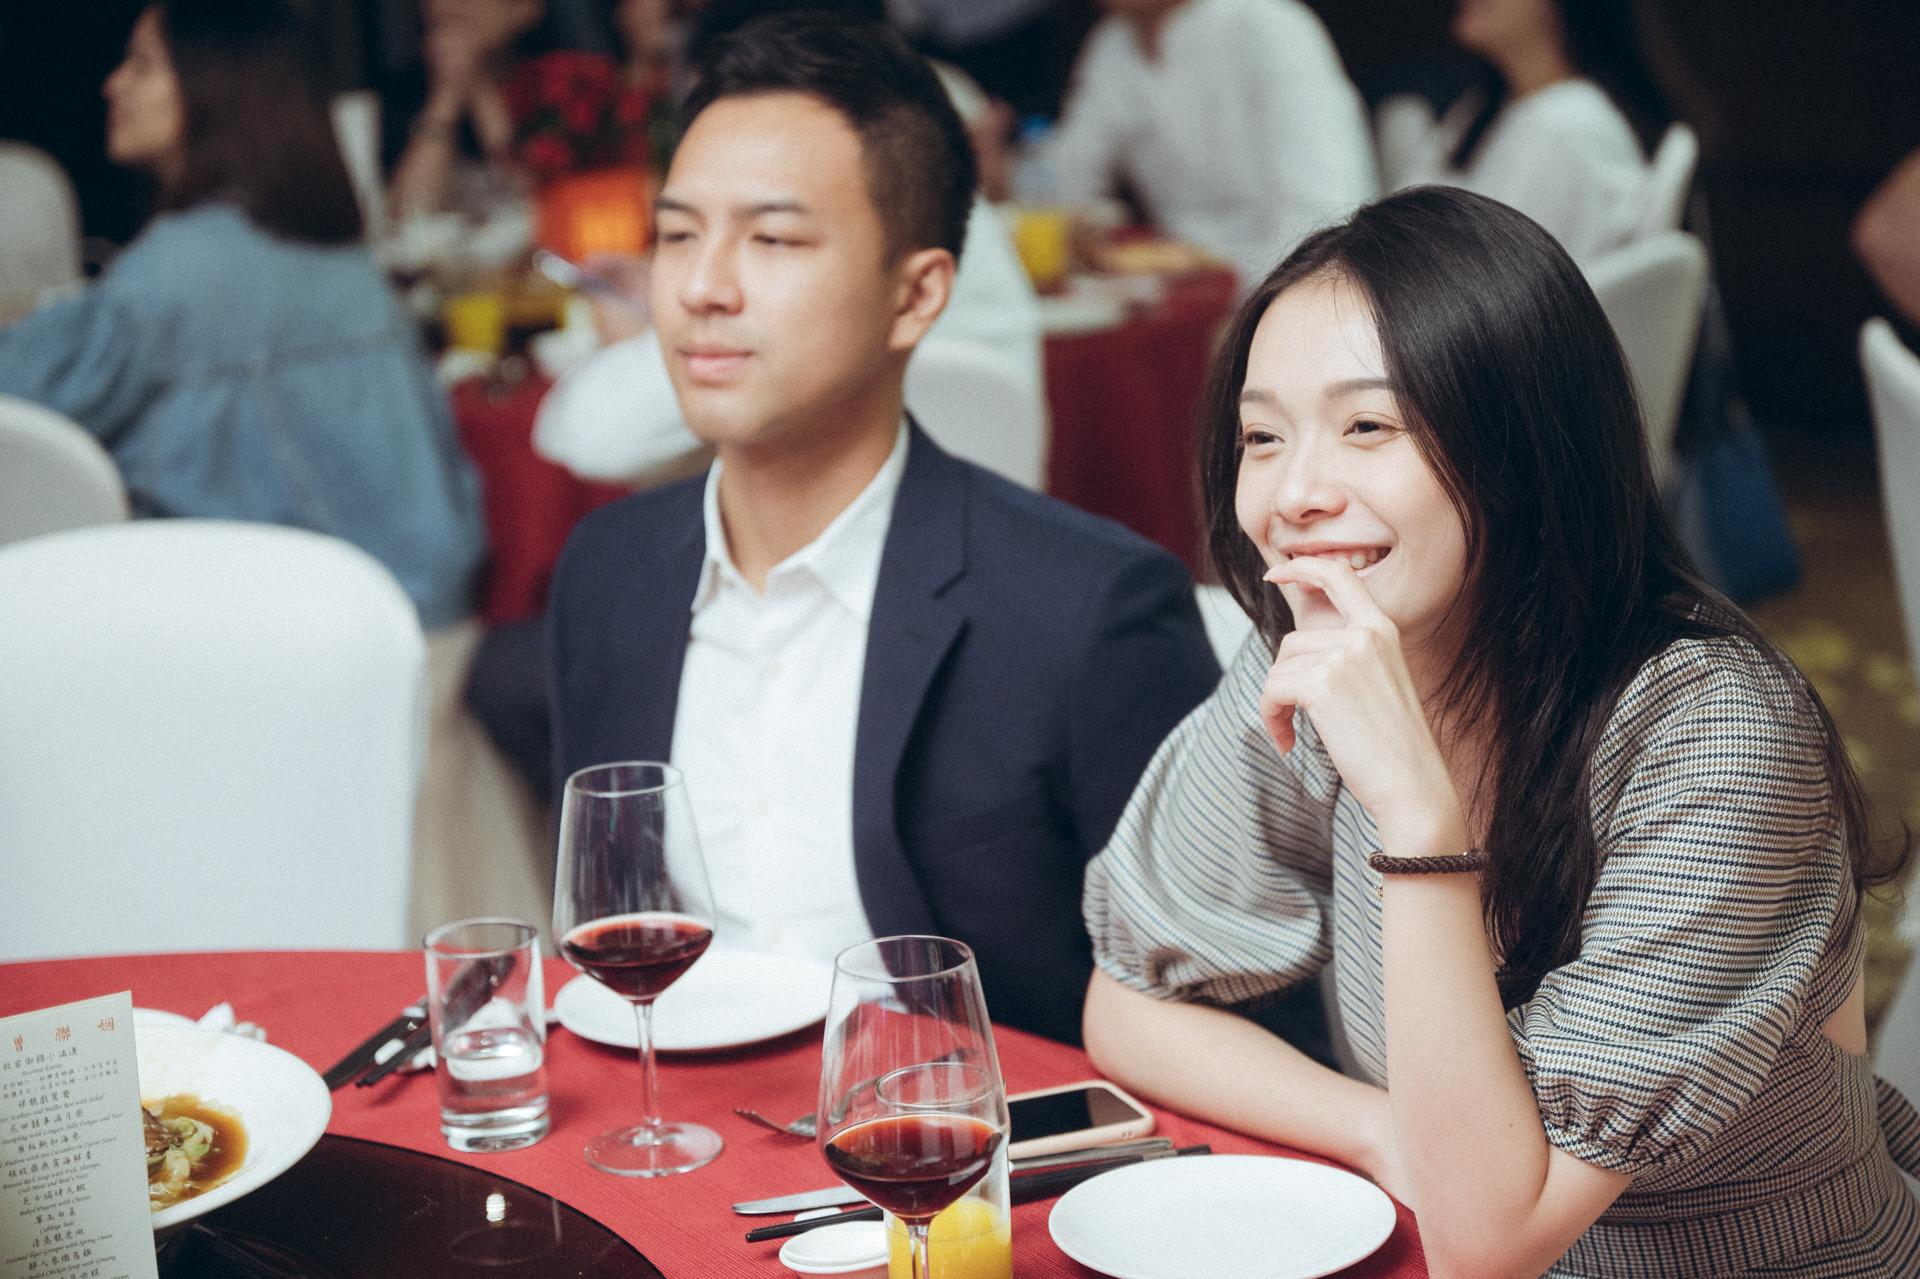 [婚禮紀錄-Fountain] 2020.10.11-台北故宮晶華